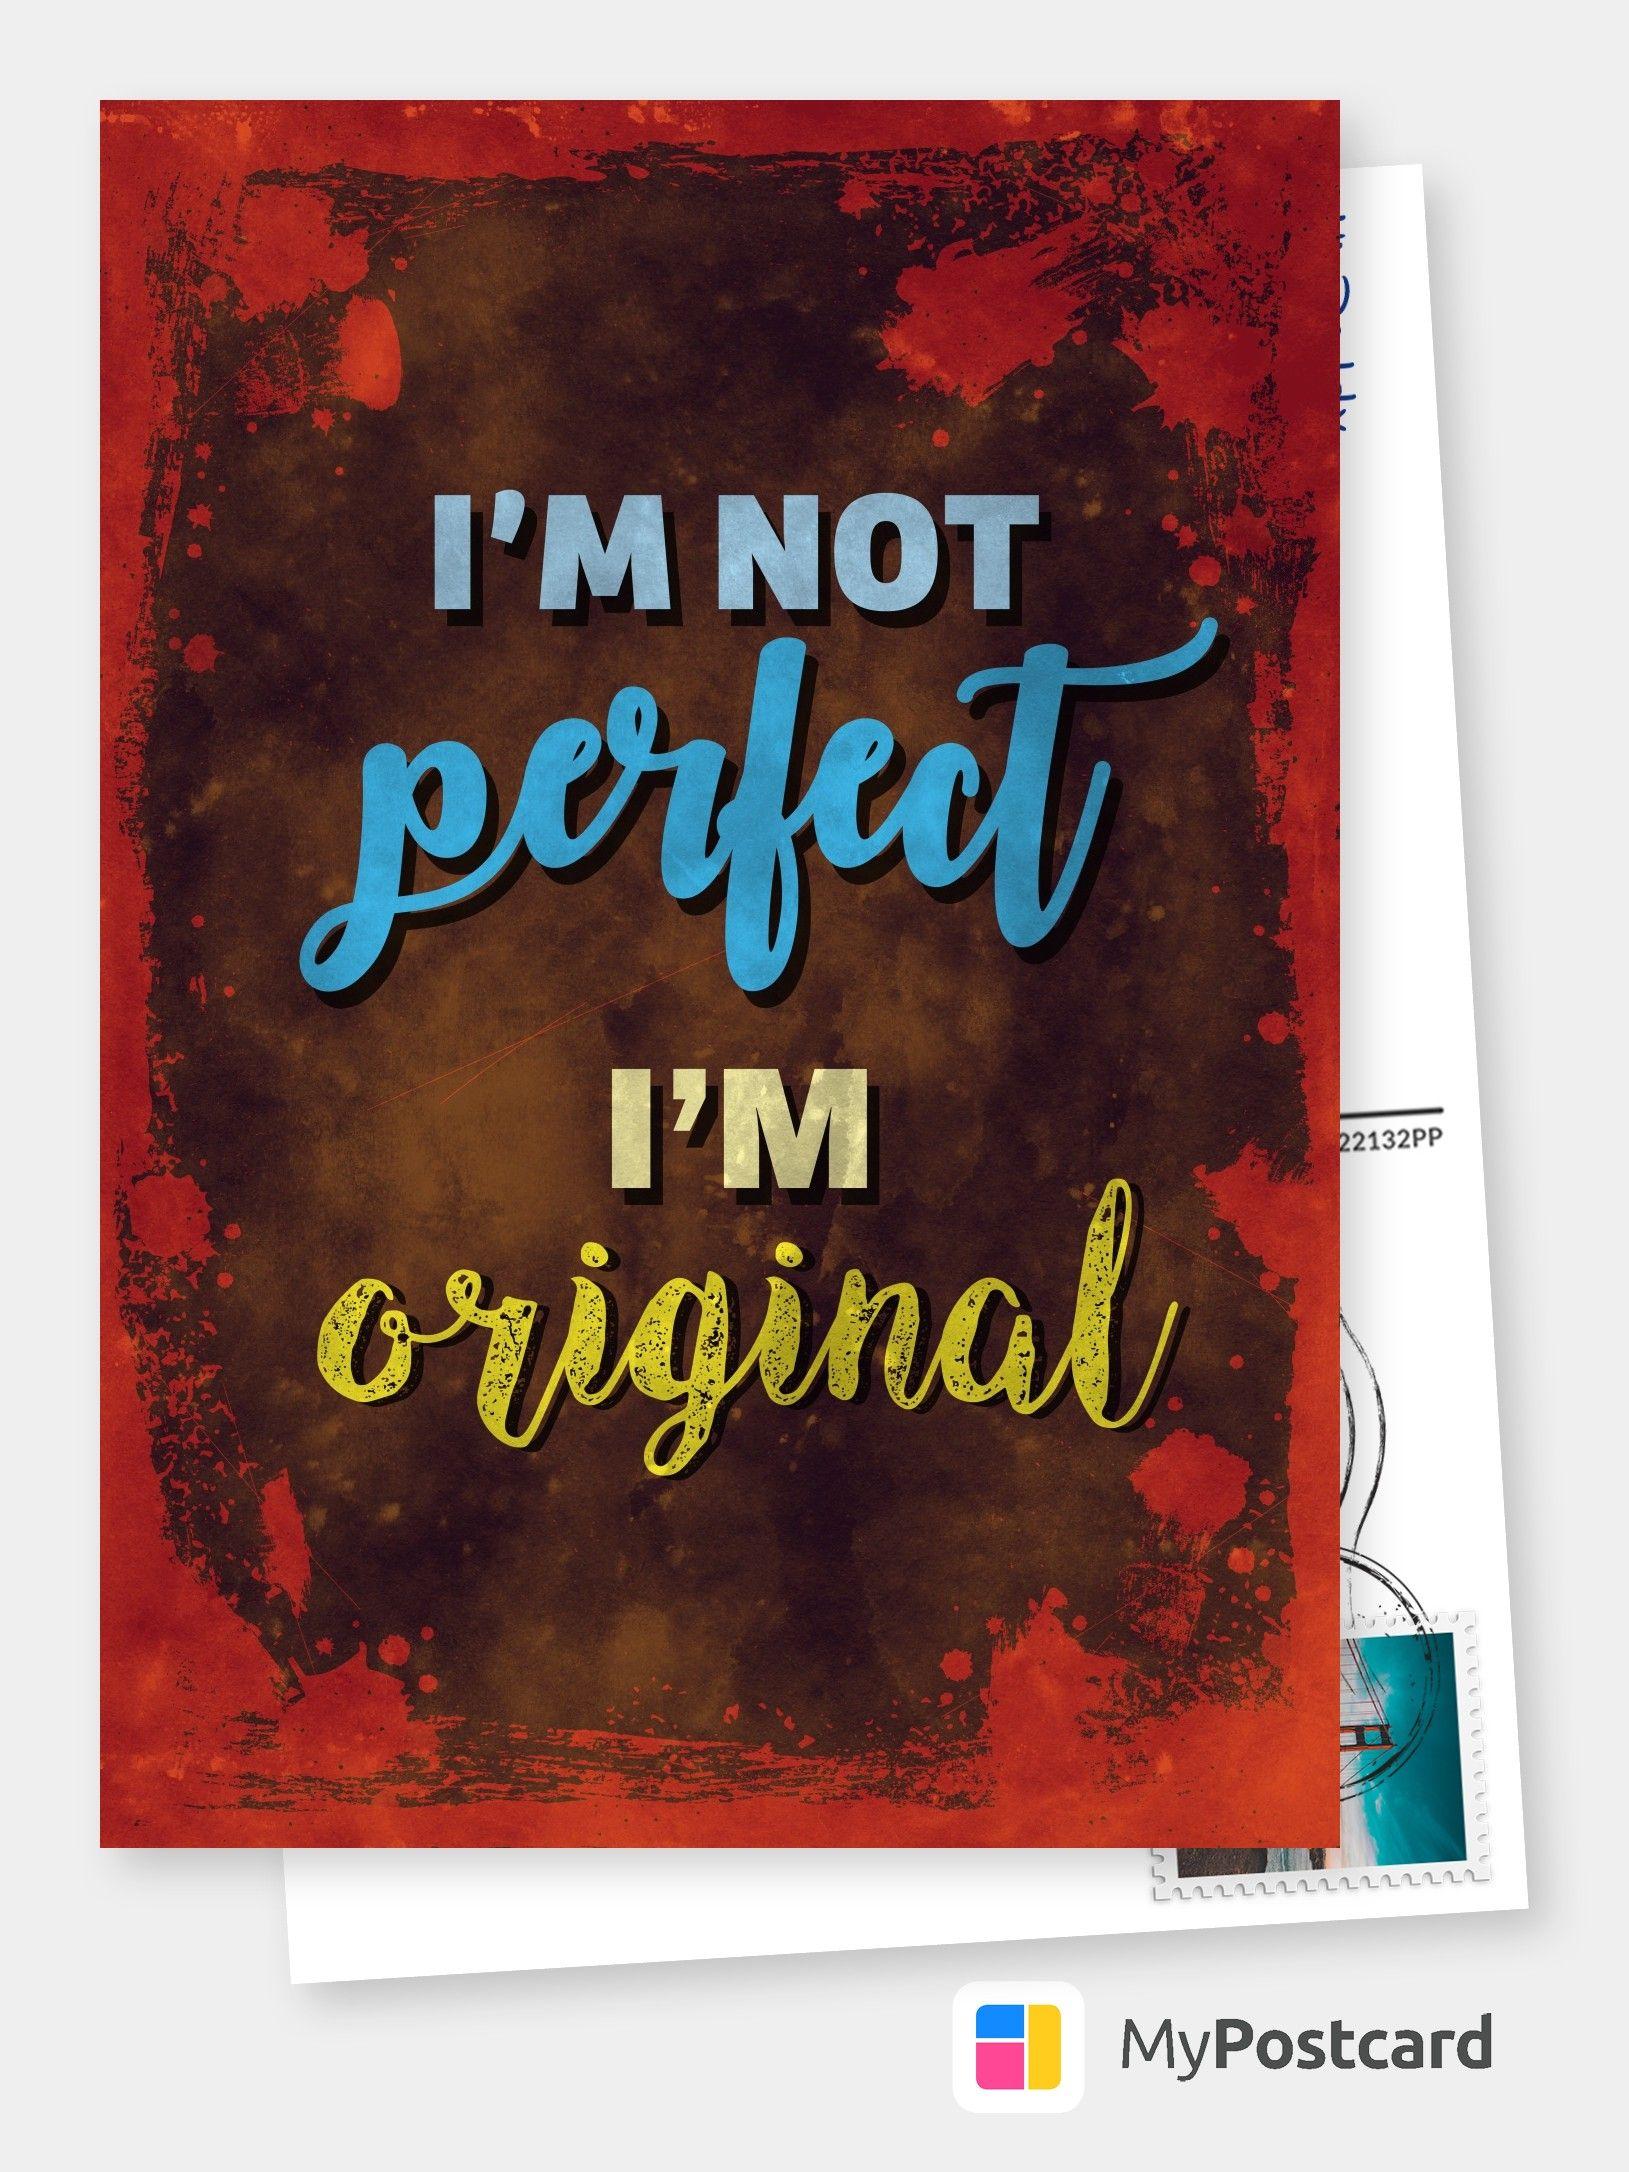 Weises Zitat Karte Weisheiten Karten Zitat Karten Weisheiten Spruche Zitate Postkarten Kar Weisheiten Mission Zitate Zitate